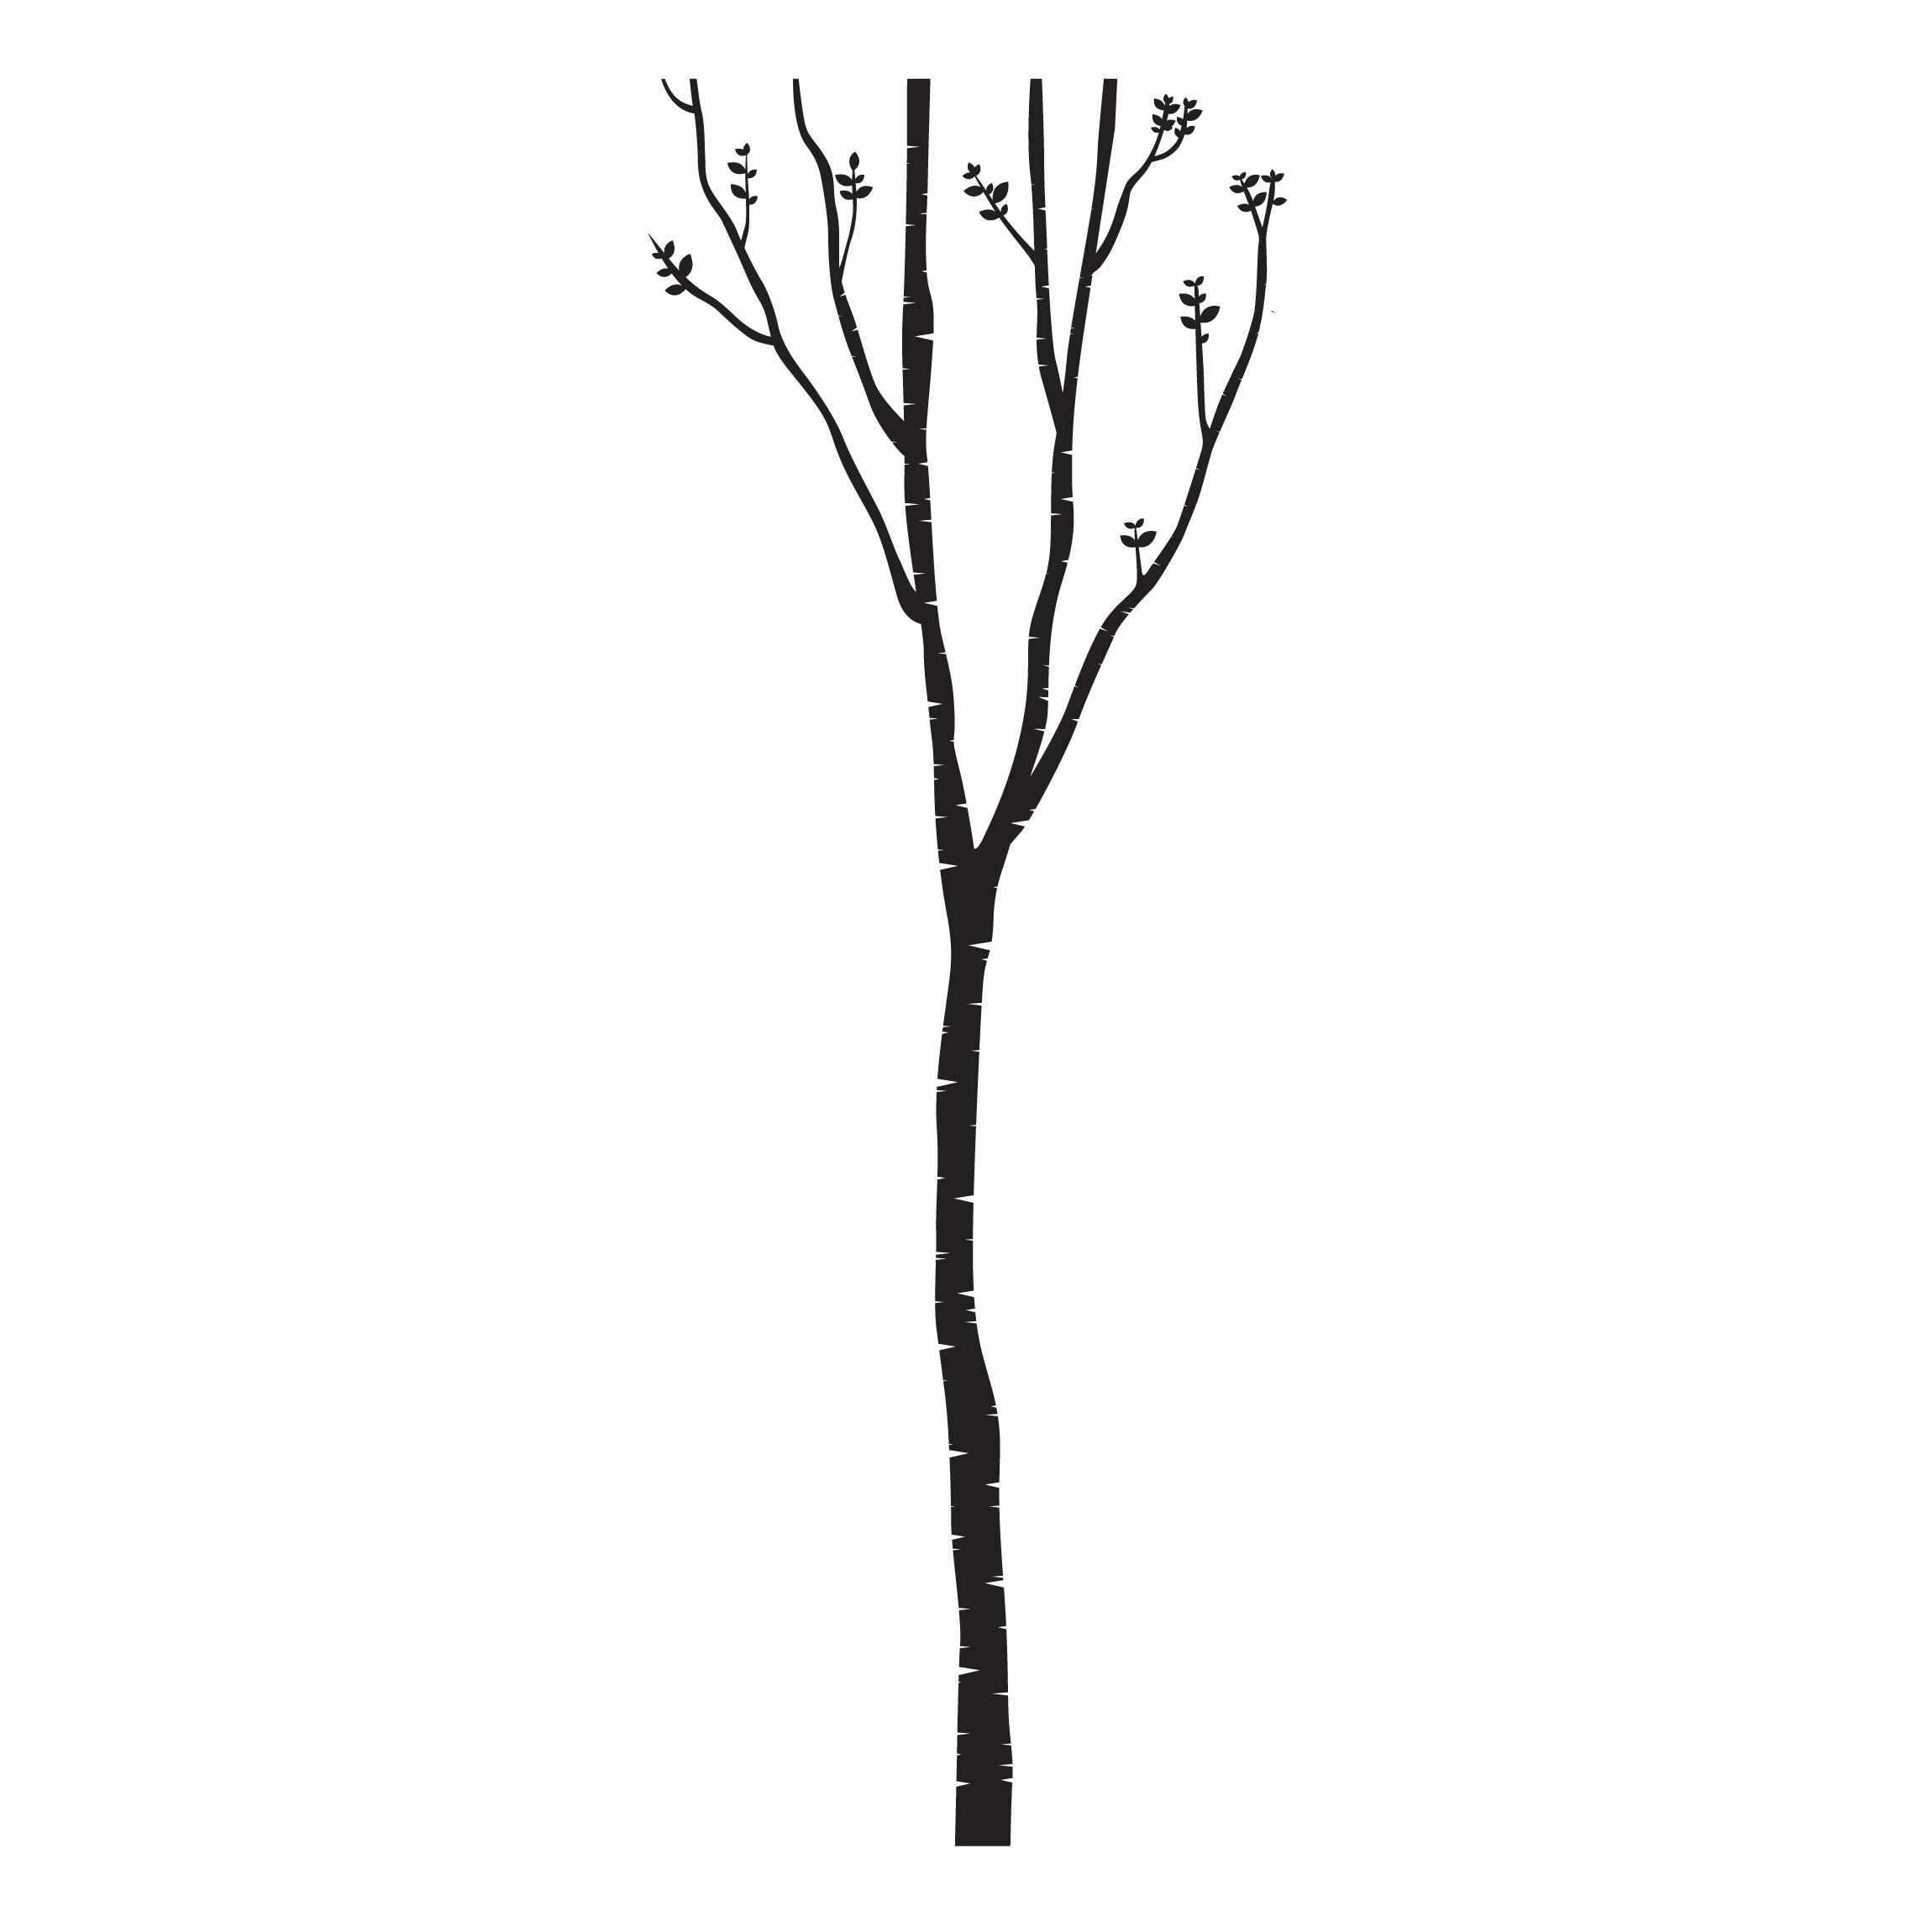 Beeindruckend Wandsticker Baum Ideen Von Produktfoto Wandtattoo - Wandtattoo Birke -.